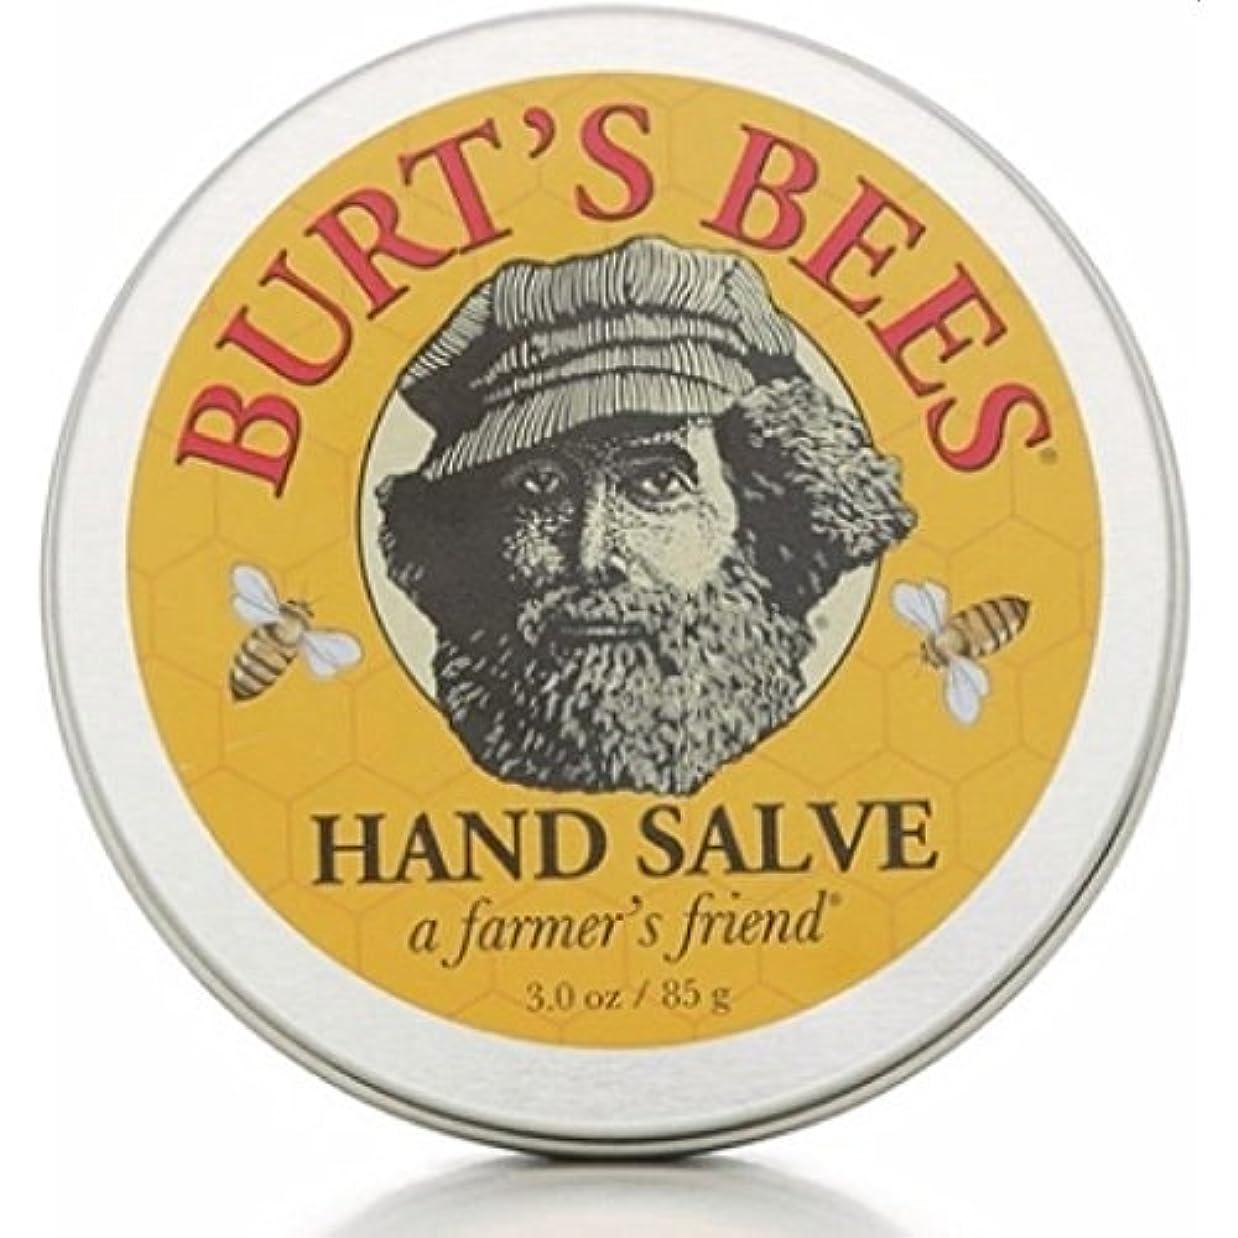 ジャケット農場病気バーツビーズ Burts Bees ハンドサルブ 85g 【並行輸入品】